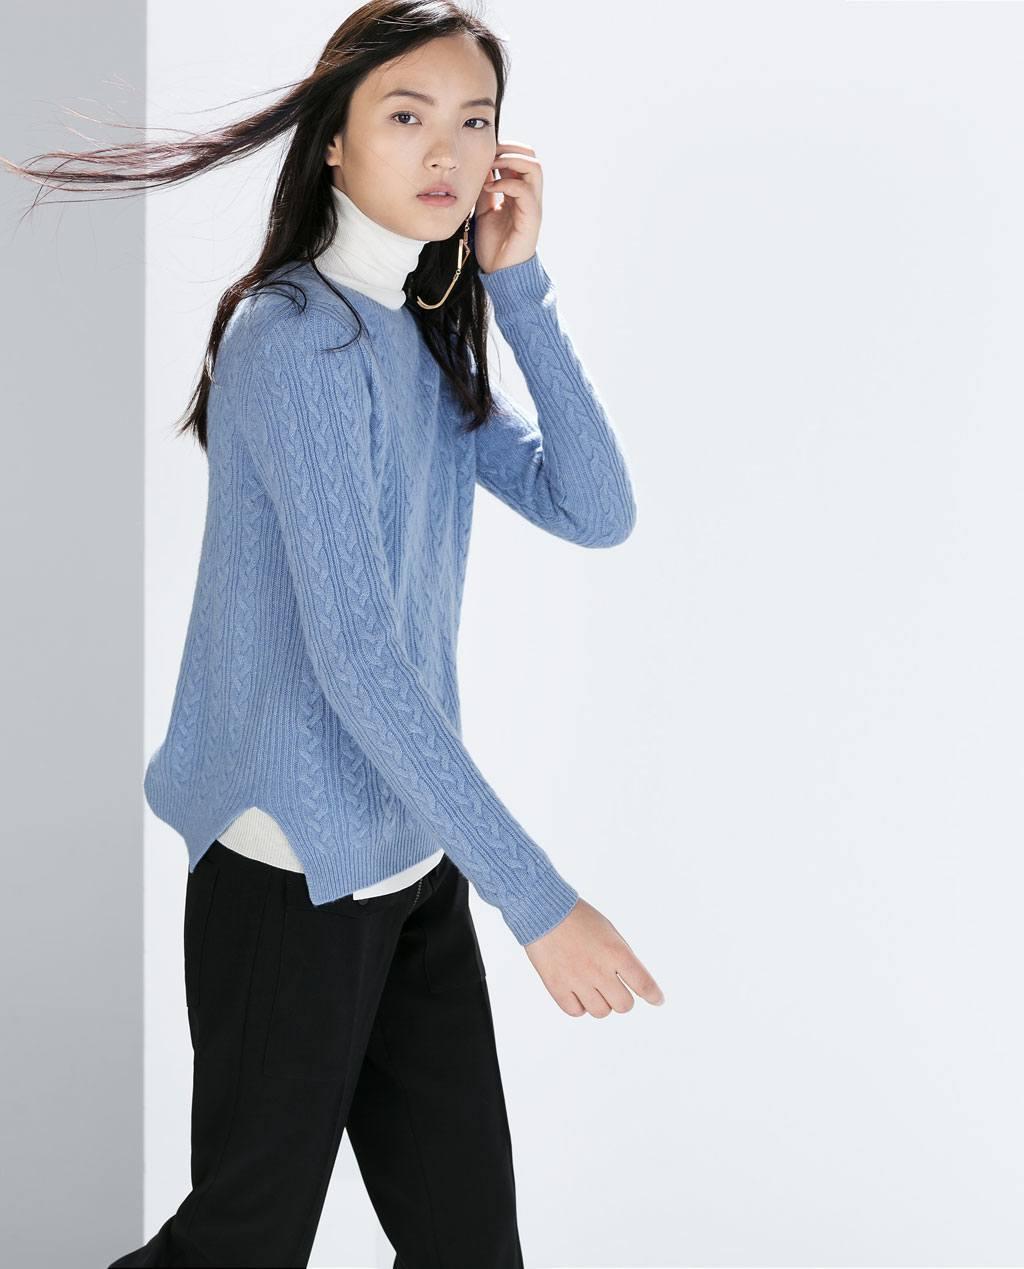 catalogo-zara-mujer-otono-invierno-2014-2015-jersey-en-color-azul